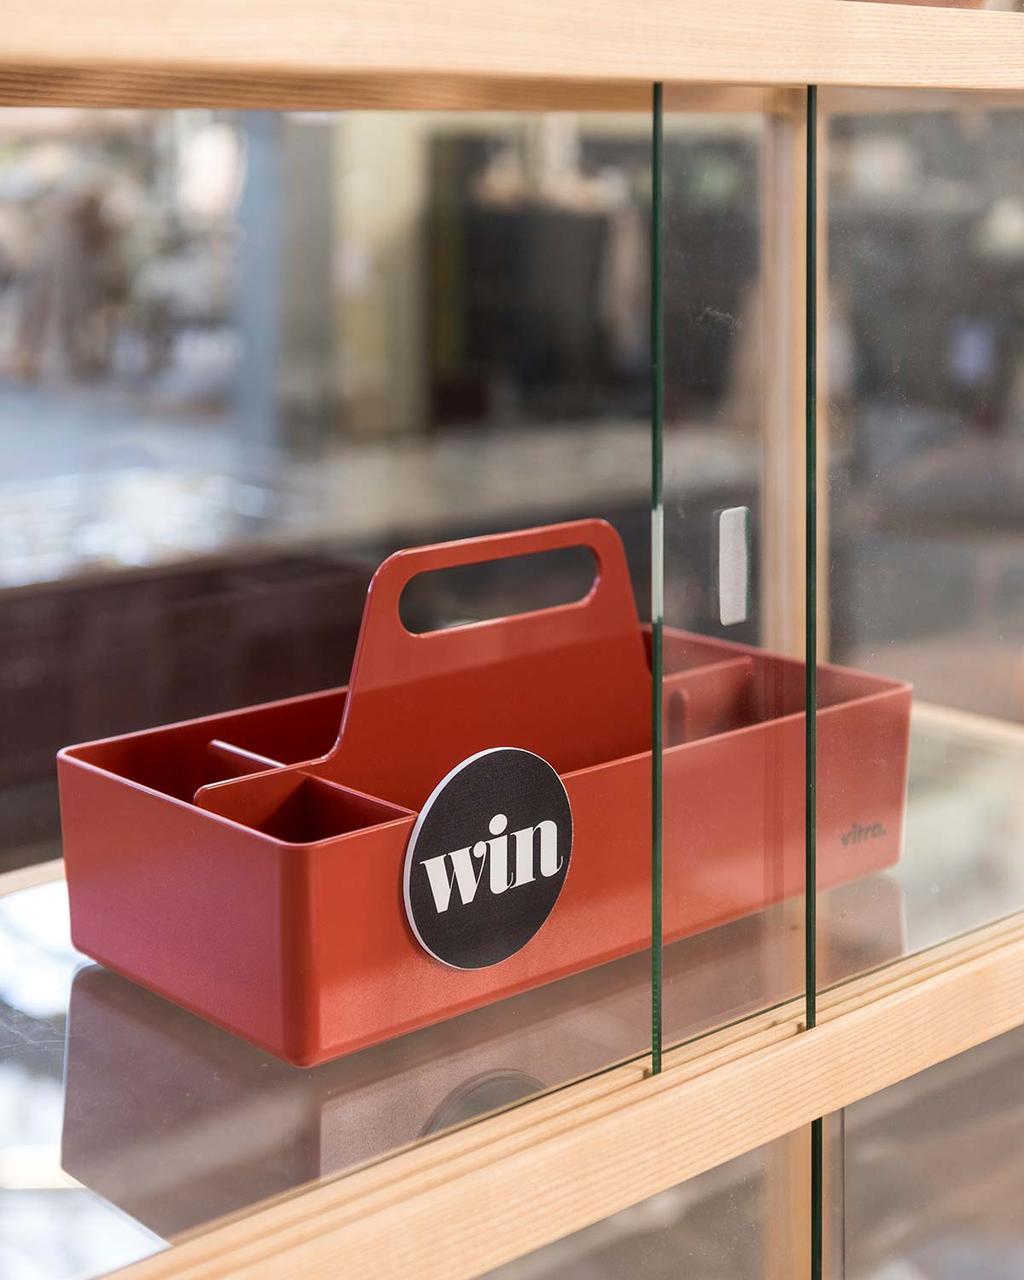 Moderne woonkamer in het vtwonen huis: win een opbergbak van Vitra